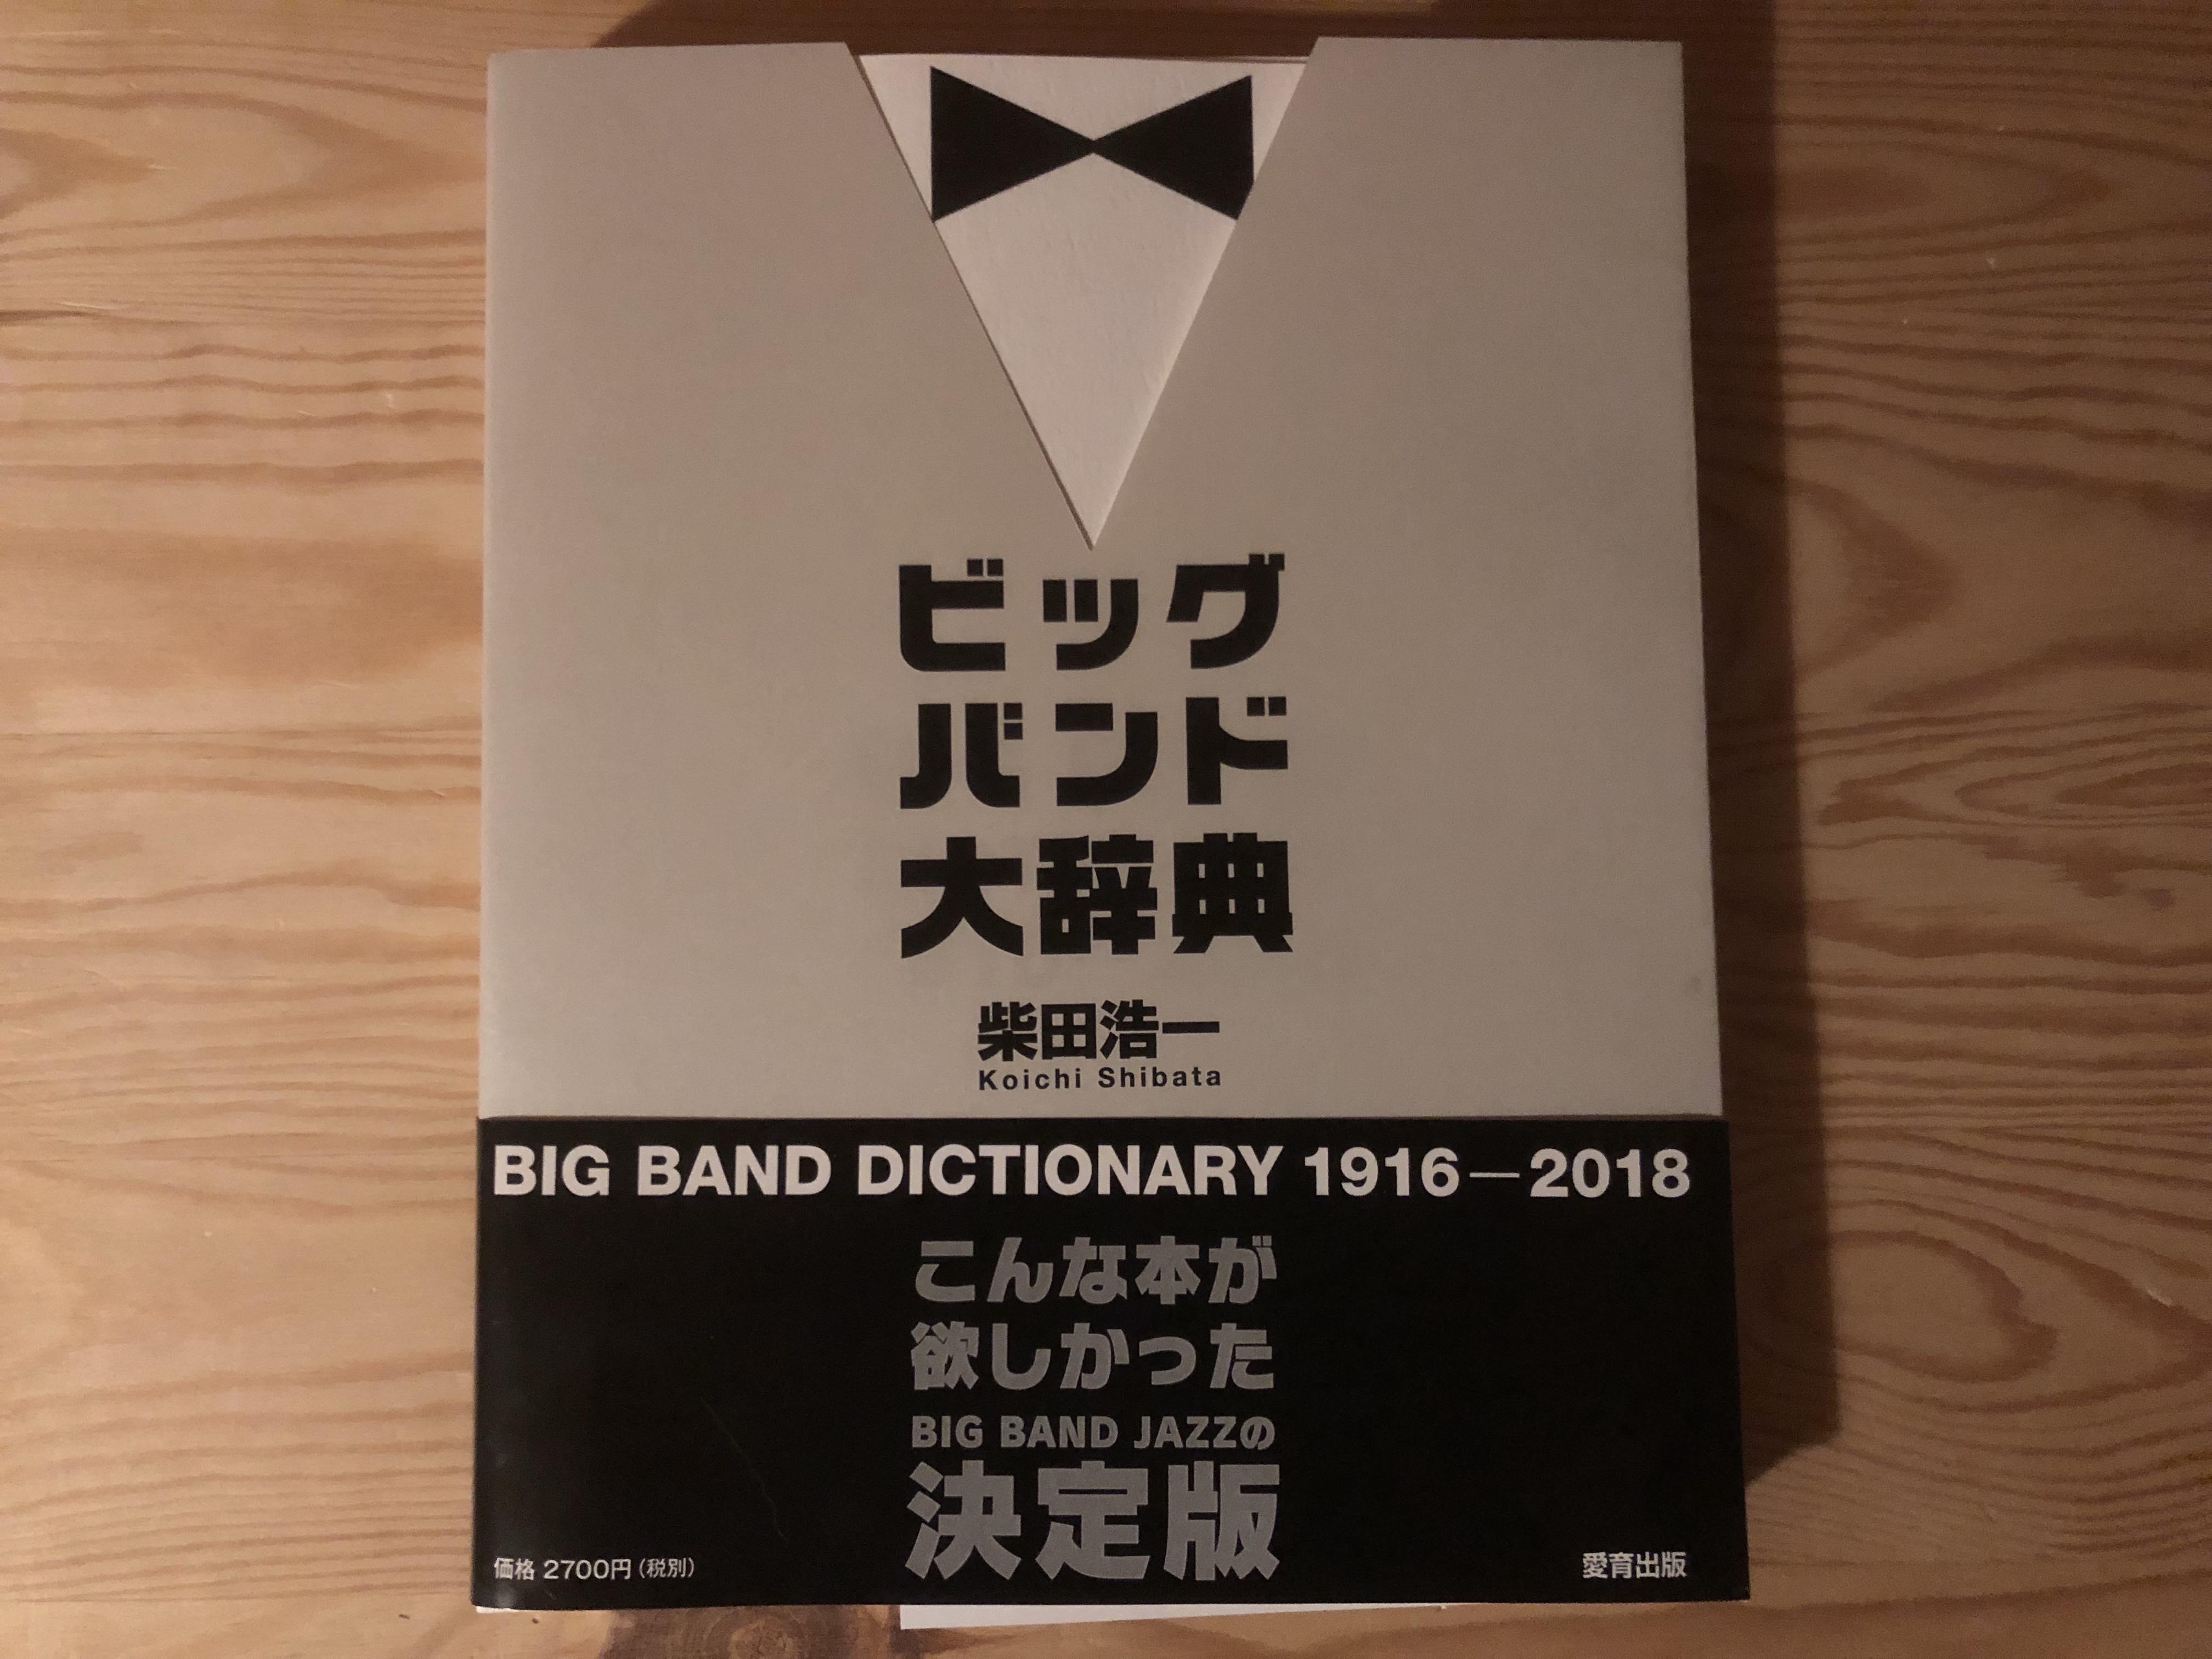 有了這本書,``橫濱爵士長廊''的樂趣就會增加10倍!